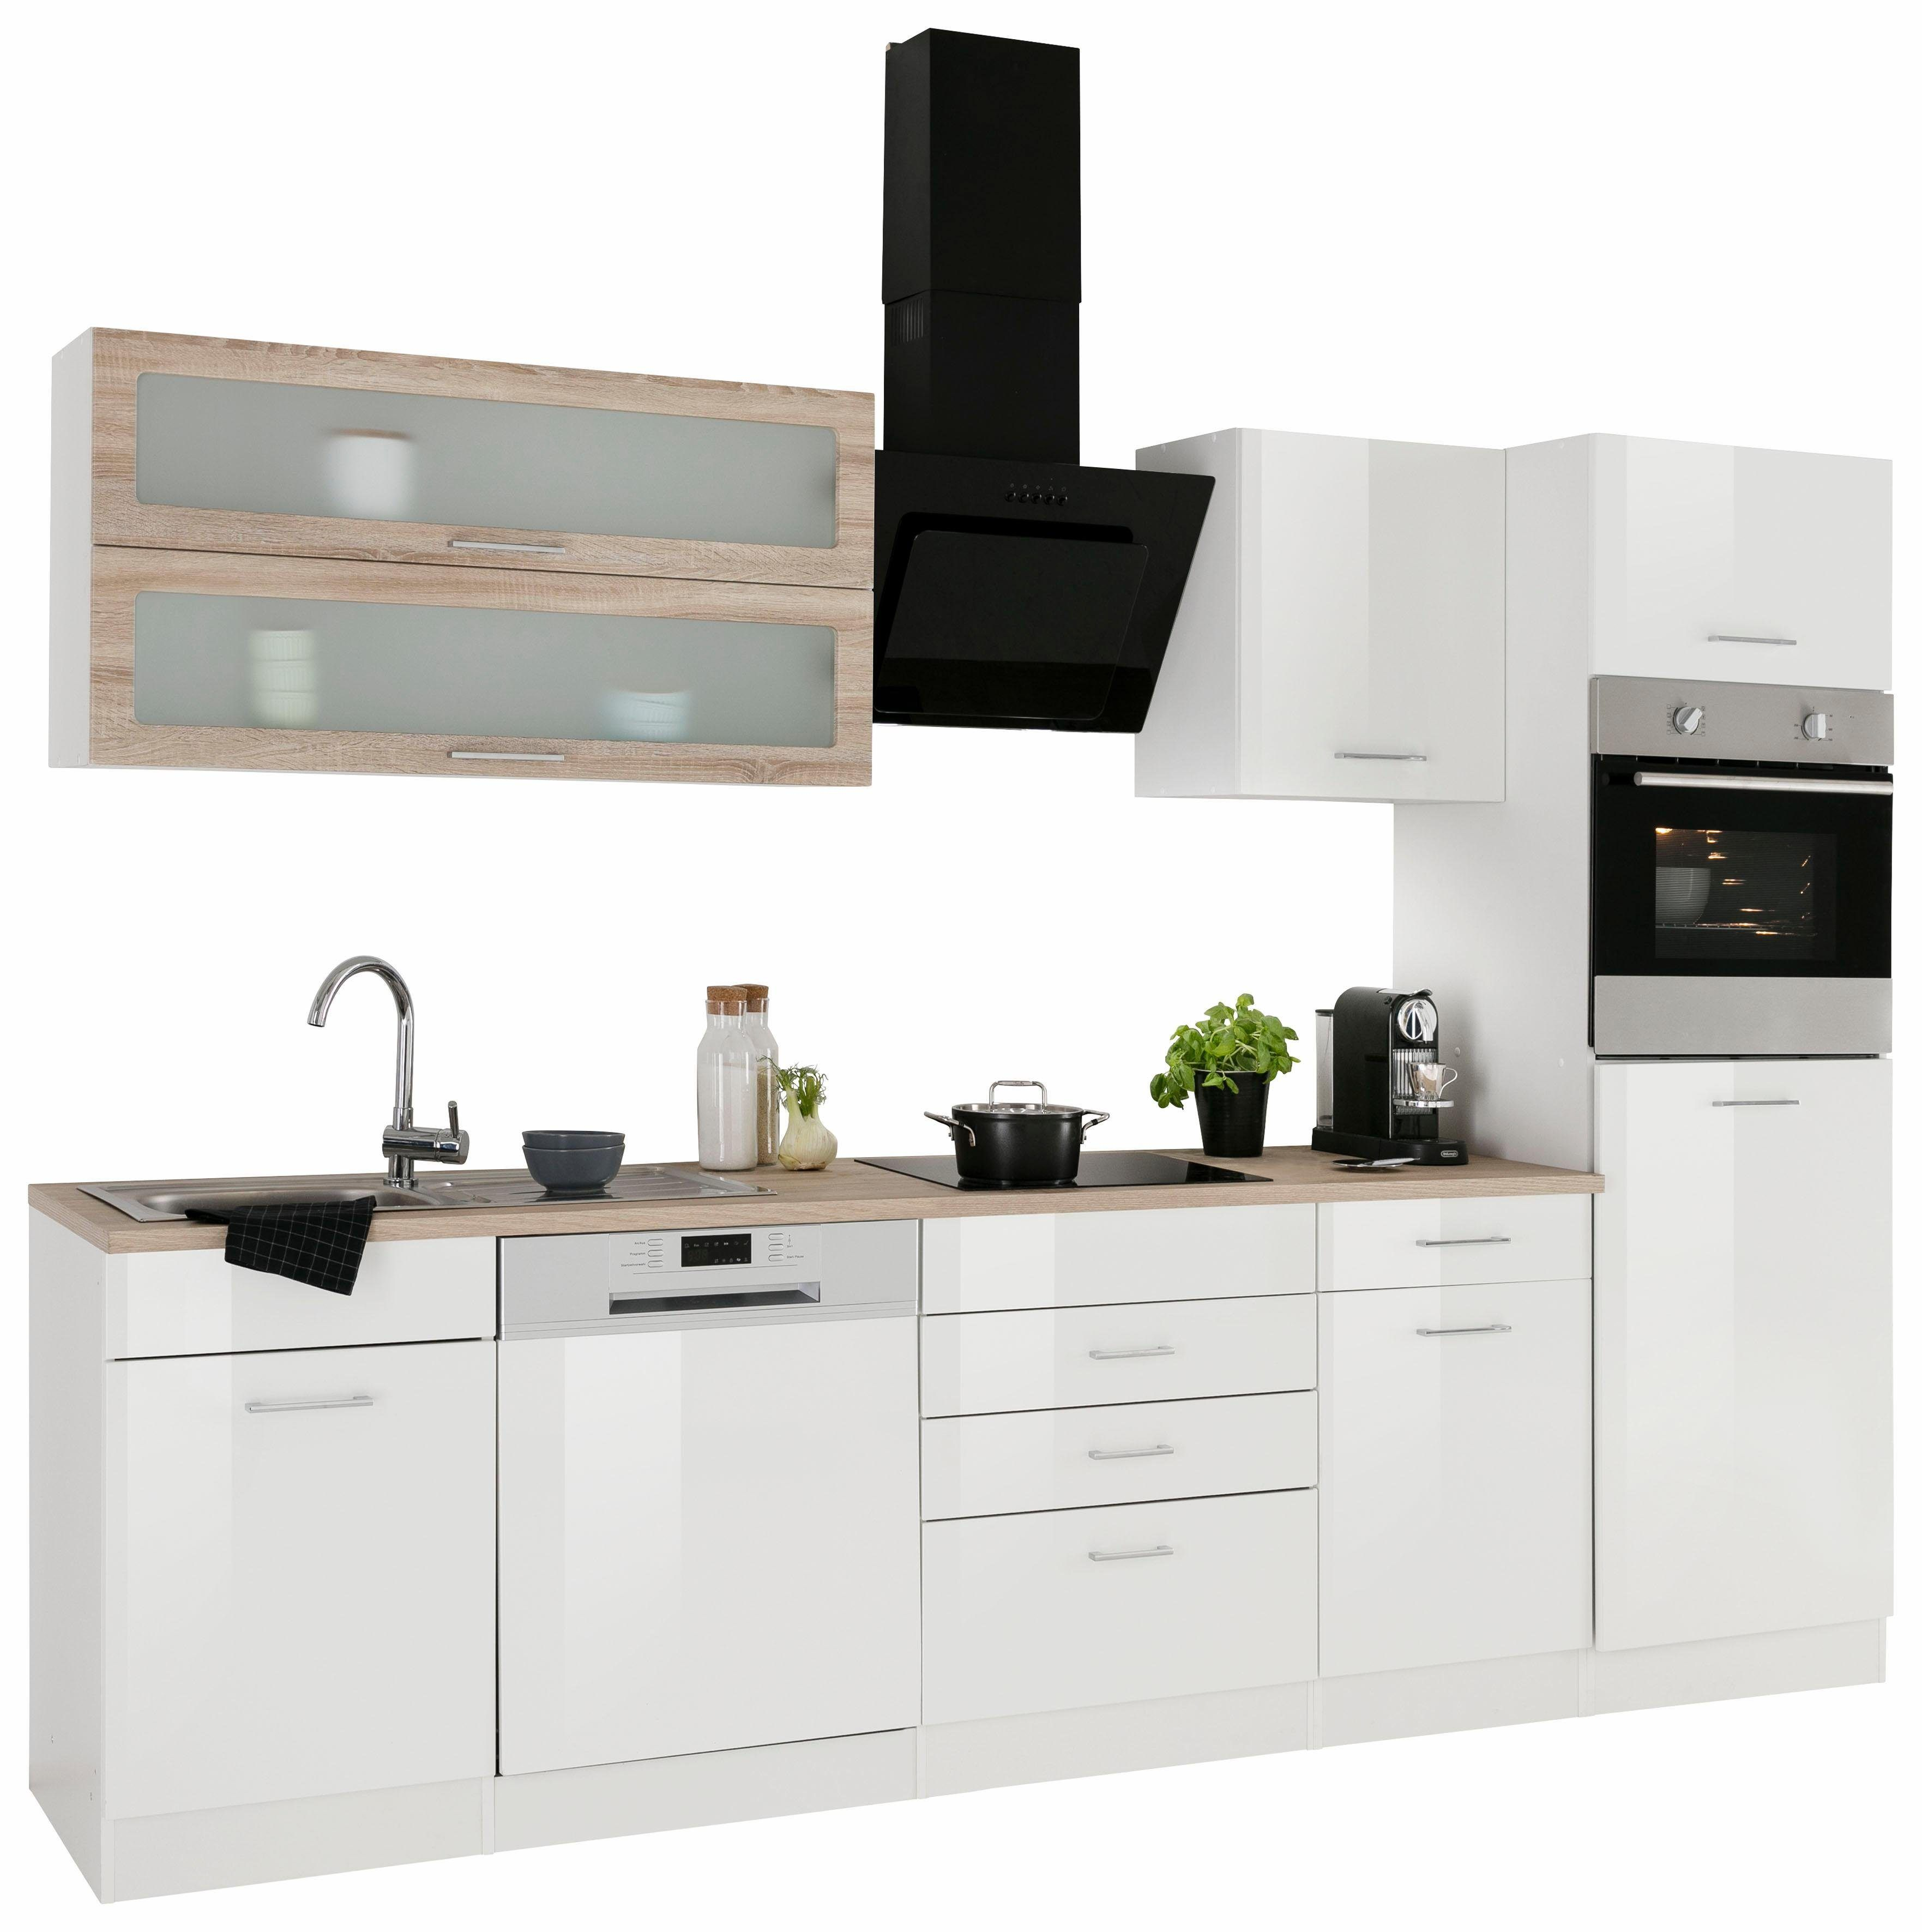 Günstige Küchenzeile Mit Aufbau ~ küchenzeile mit geräten und aufbau zanzibor com